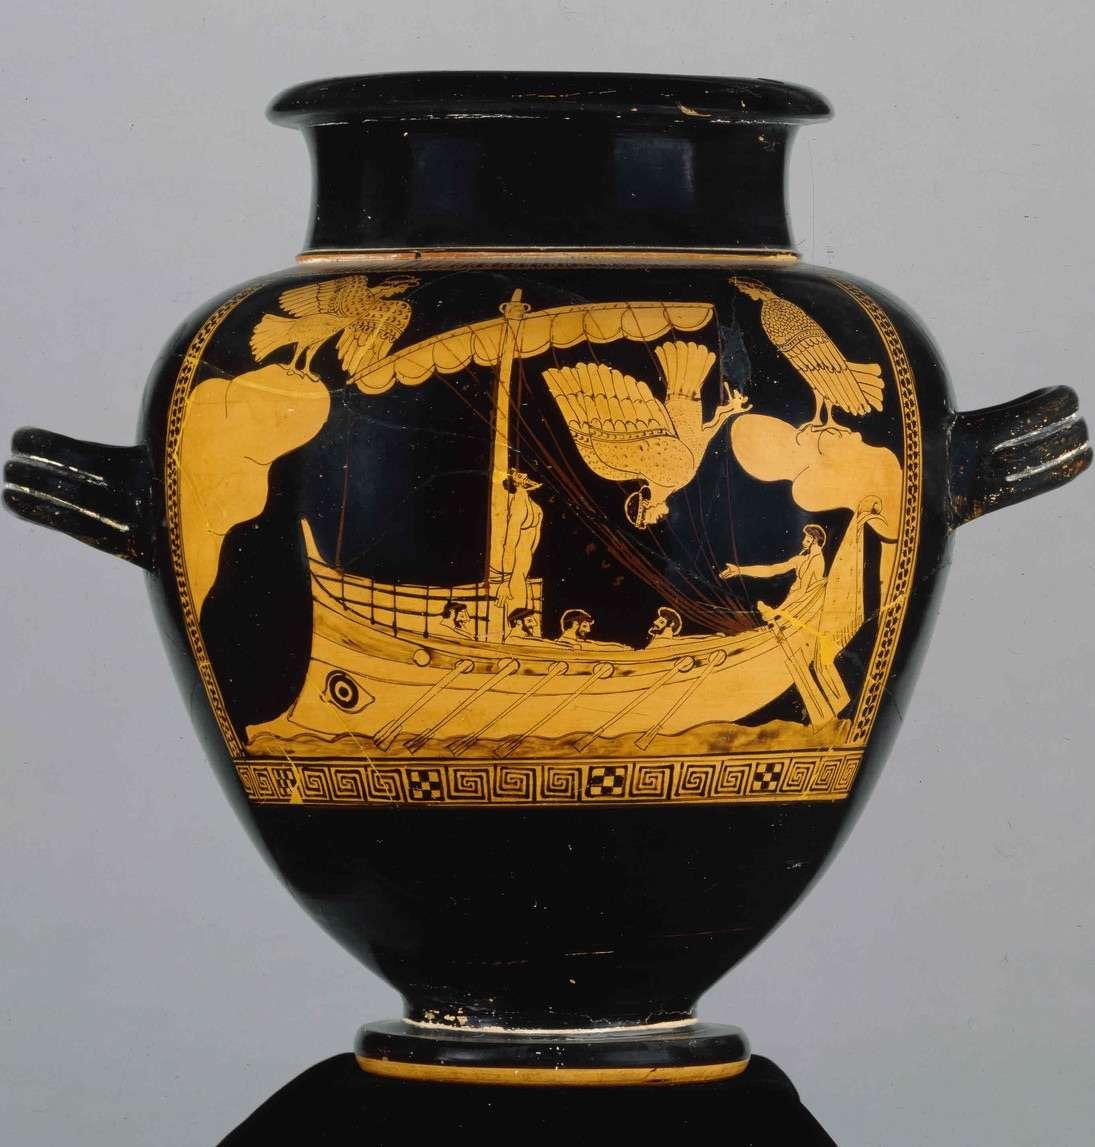 Σκηνή από την Οδύσσεια. Βρετανικό Μουσείο.